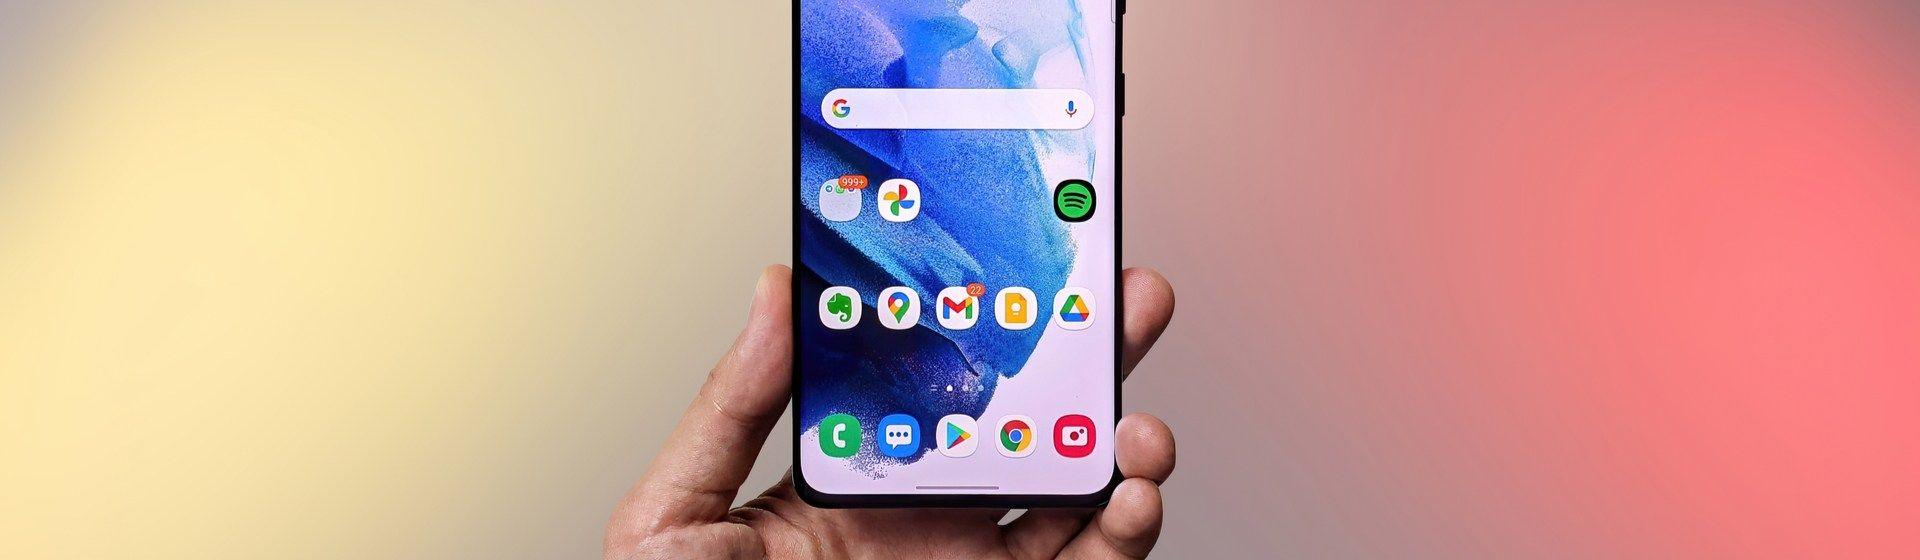 Celular Android: veja as melhores opções em 2021